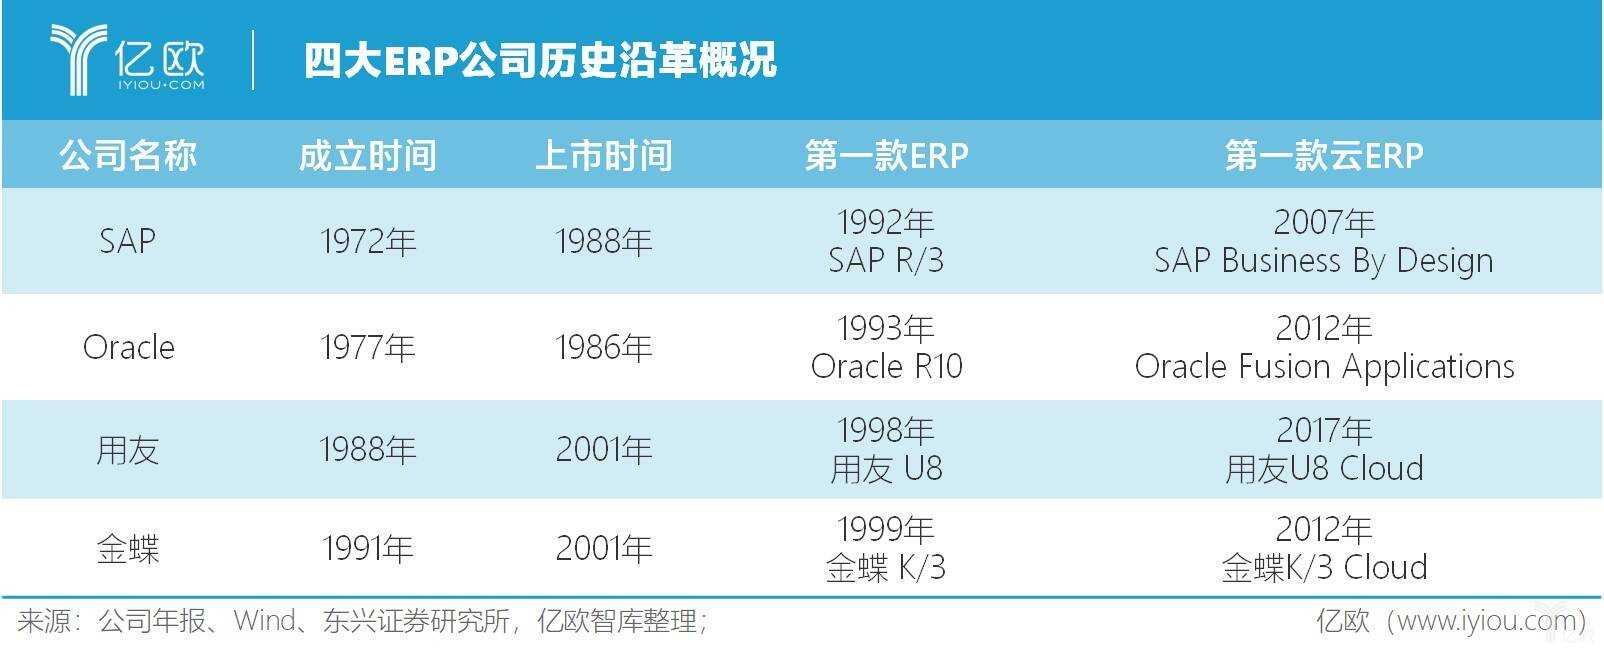 亿欧智库:四大 ERP 公司历史沿革概况